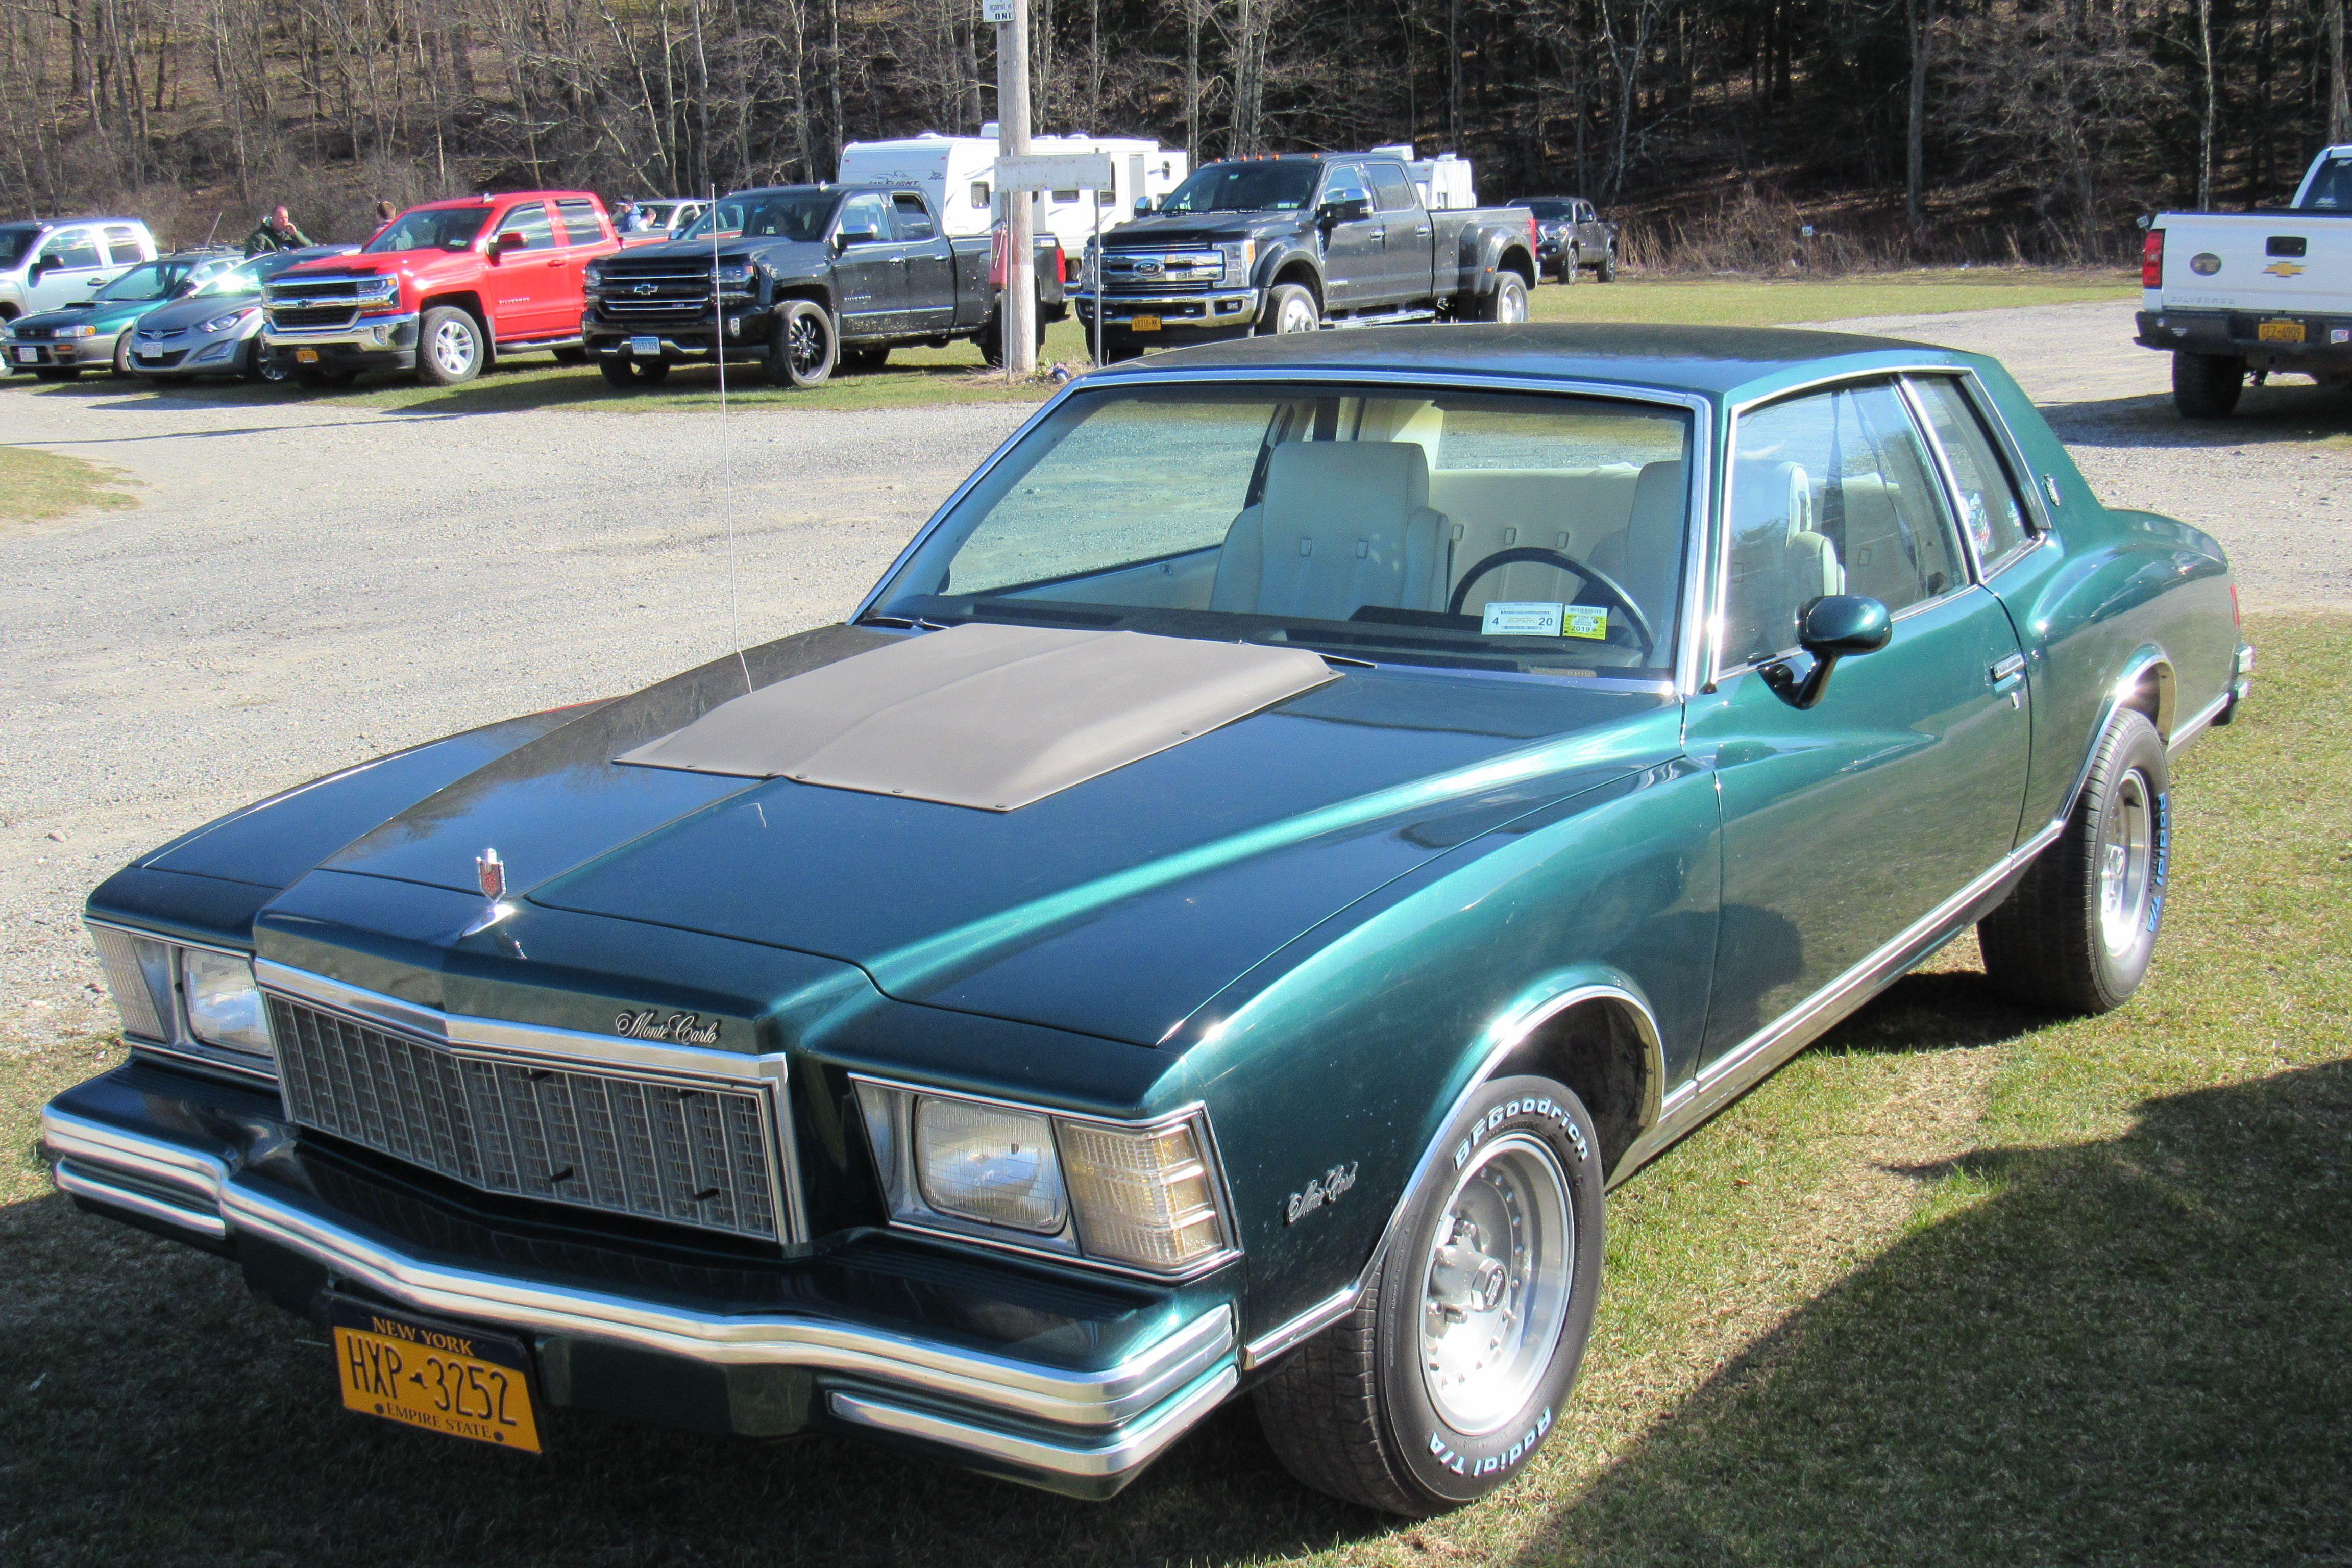 Chevy Monte Carlo Chevy monte carlo, Chevy, Monte carlo